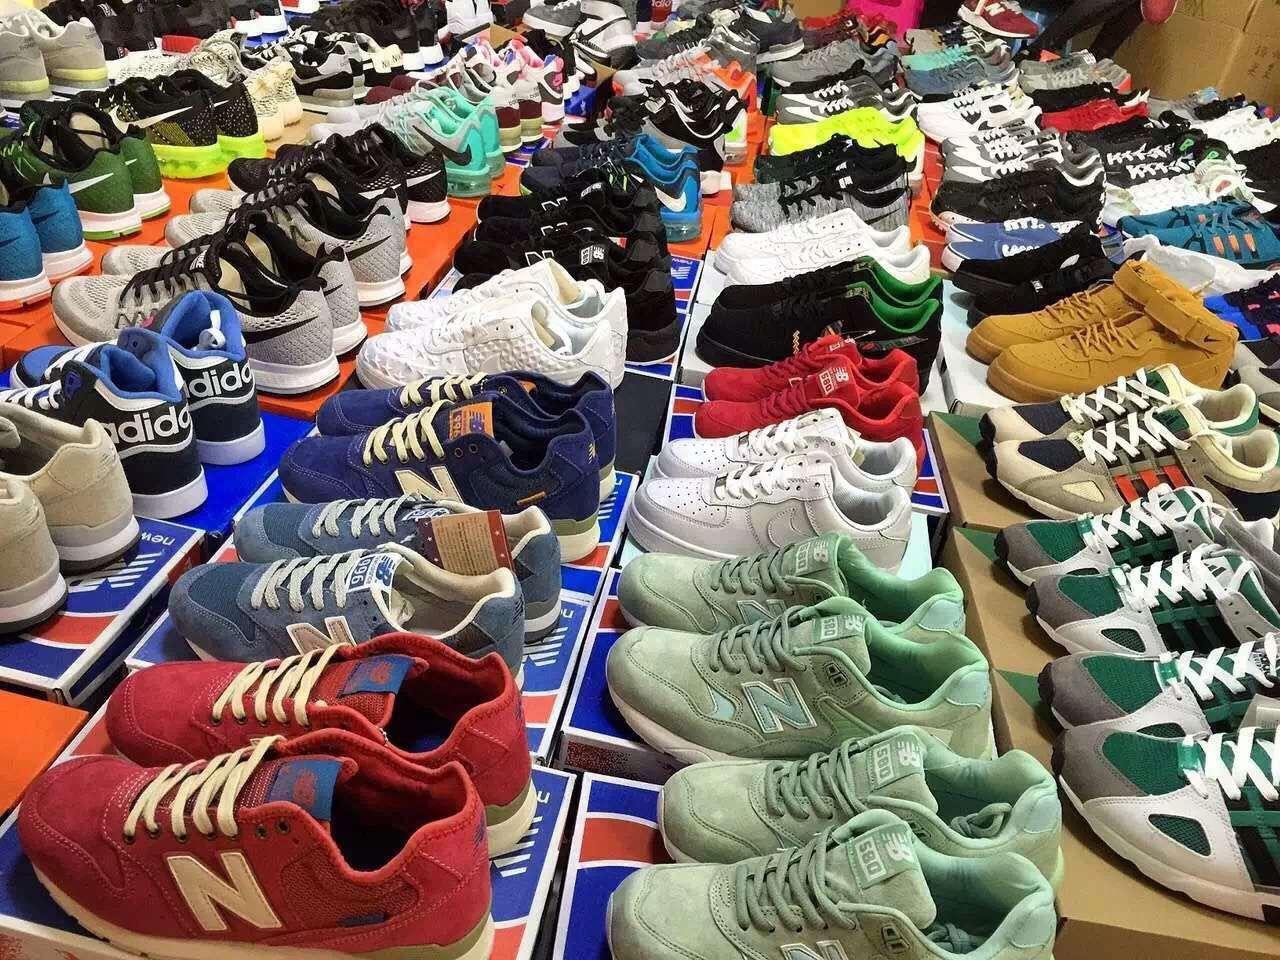 厂家直销耐克阿迪新百伦等名牌鞋